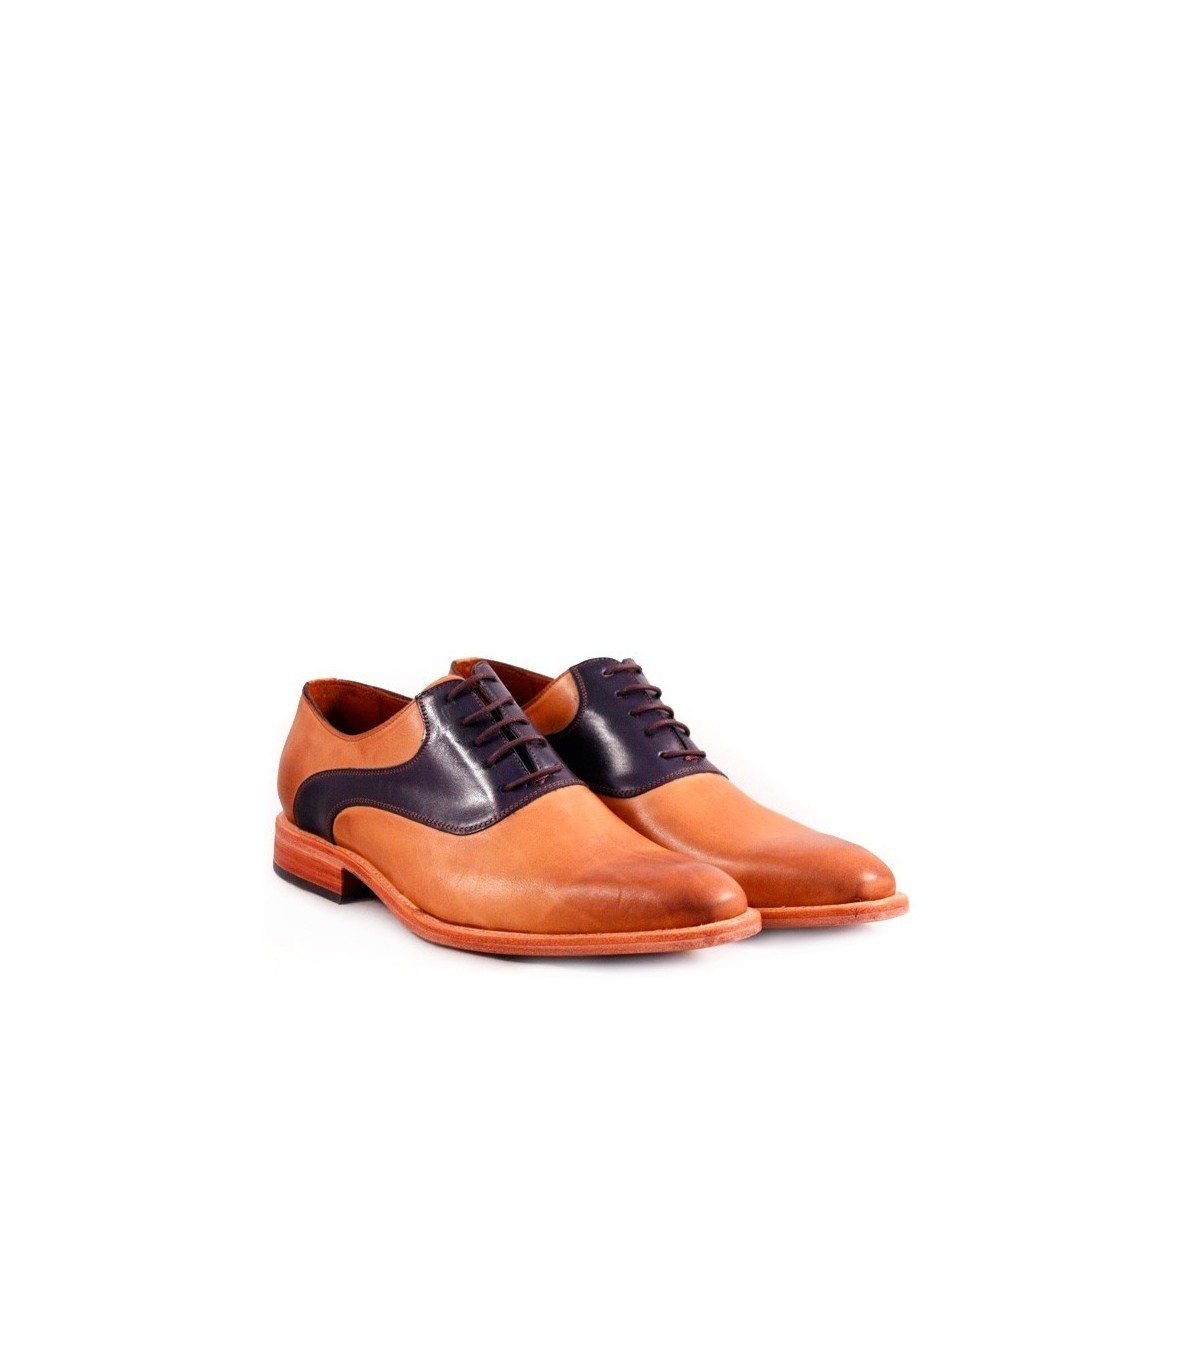 Zapatos De Vestir De Cuero Suela Hombres Batistella